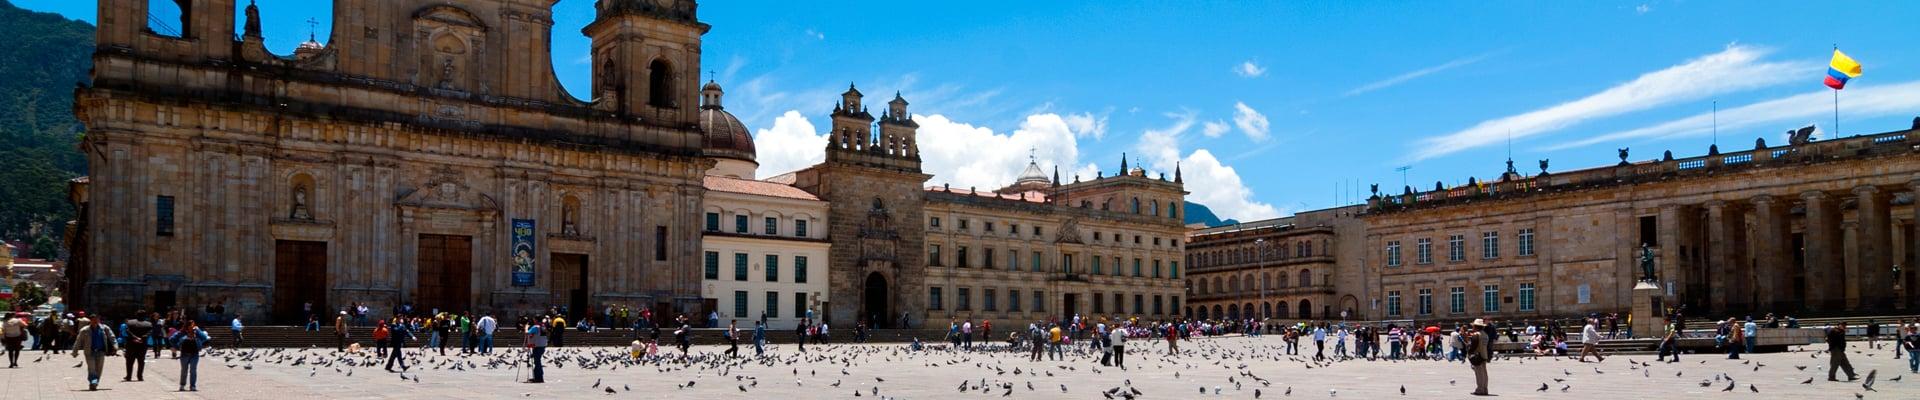 Plaza de Bolivar in Bogota